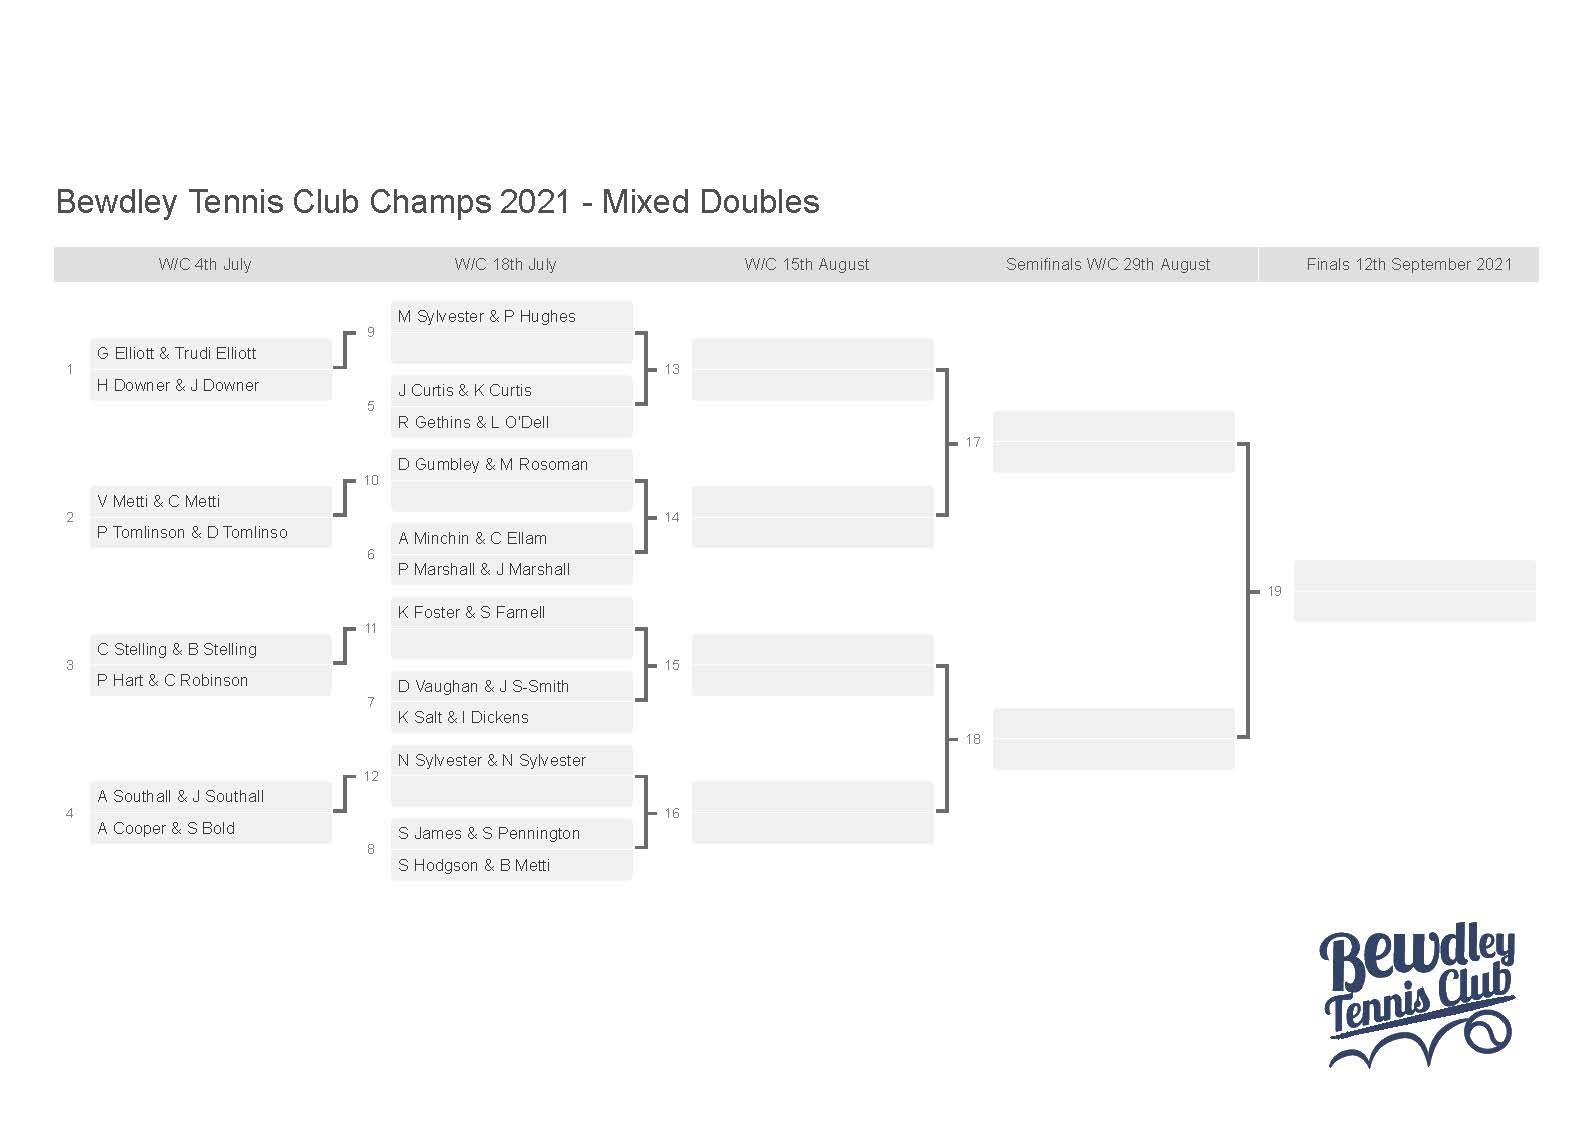 https://bewdleytennisclub.org.uk/wp-content/uploads/2021/07/Mixed-Doubles-1.jpg